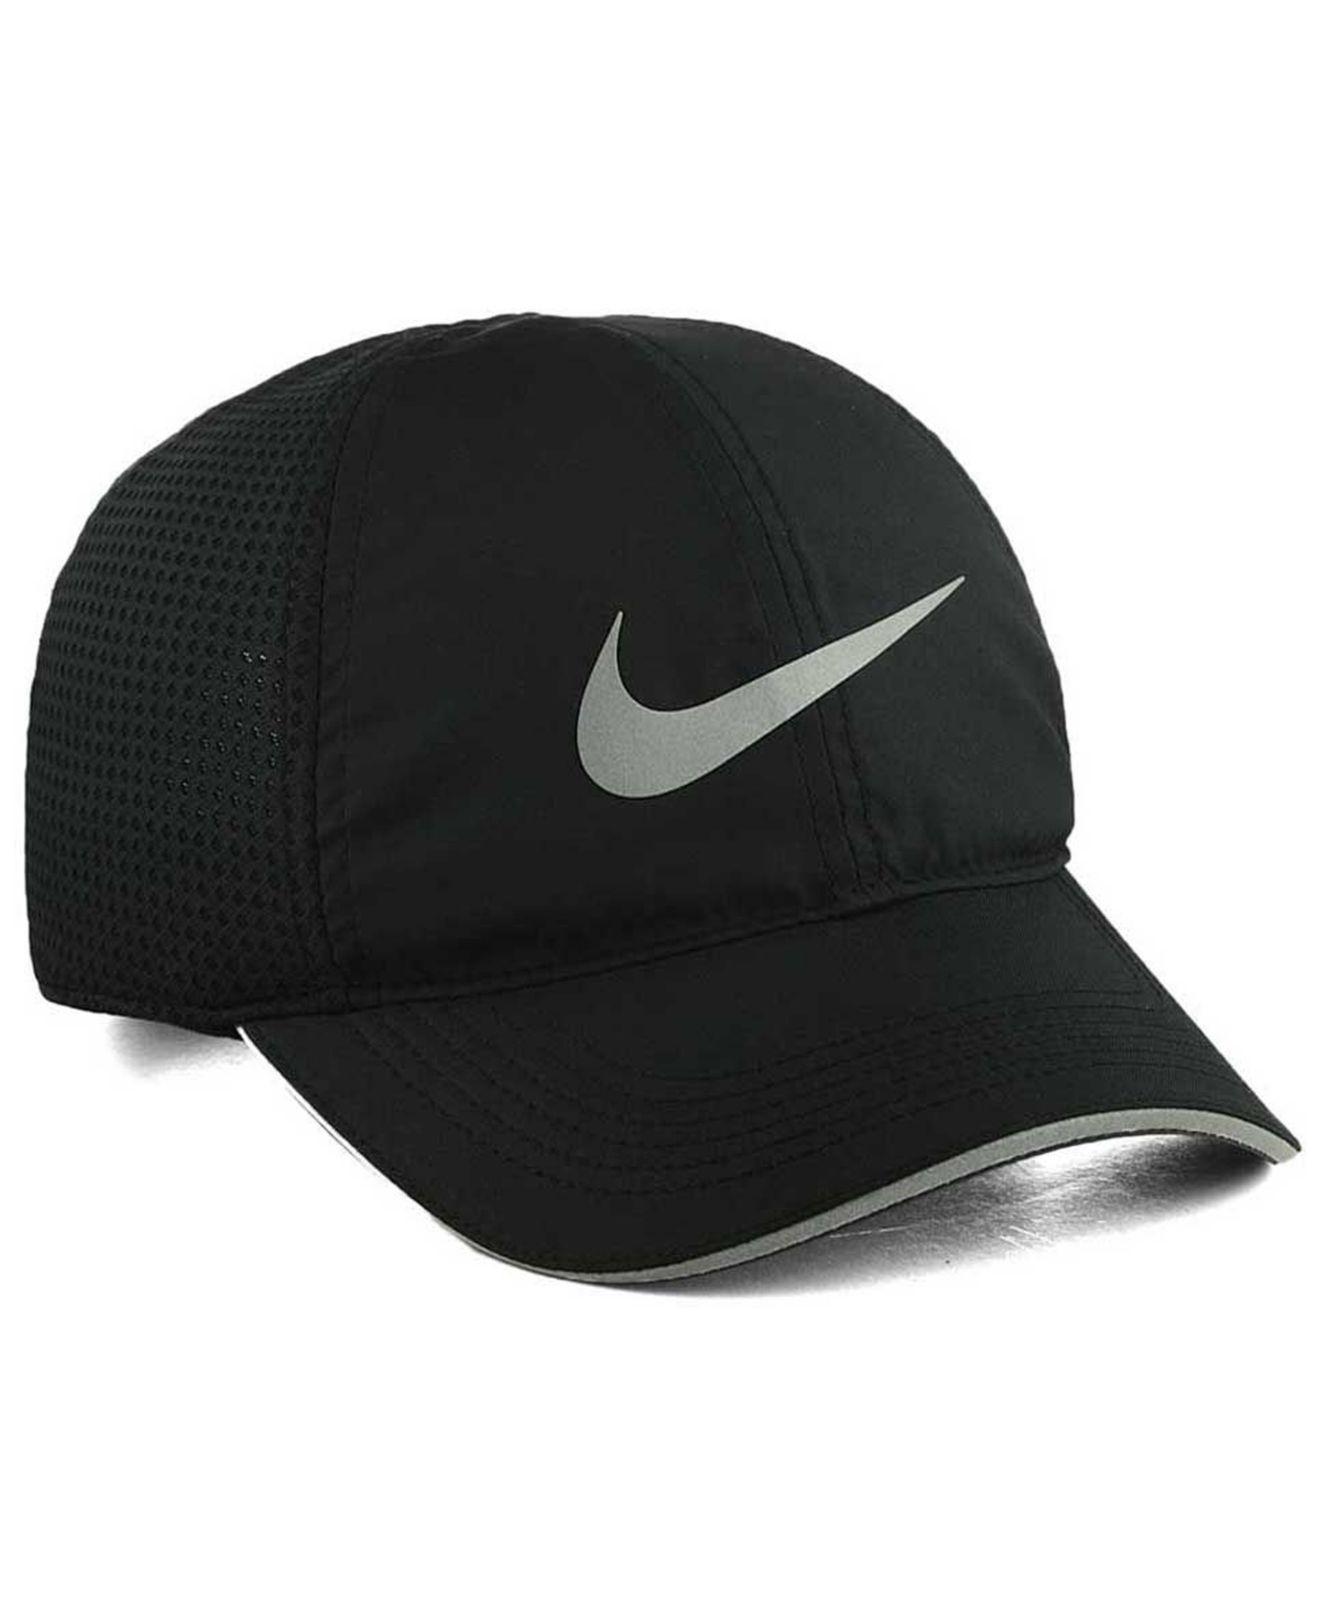 Lyst - Nike Heritage Elite Run Cap in Black for Men 97df8acc2b1